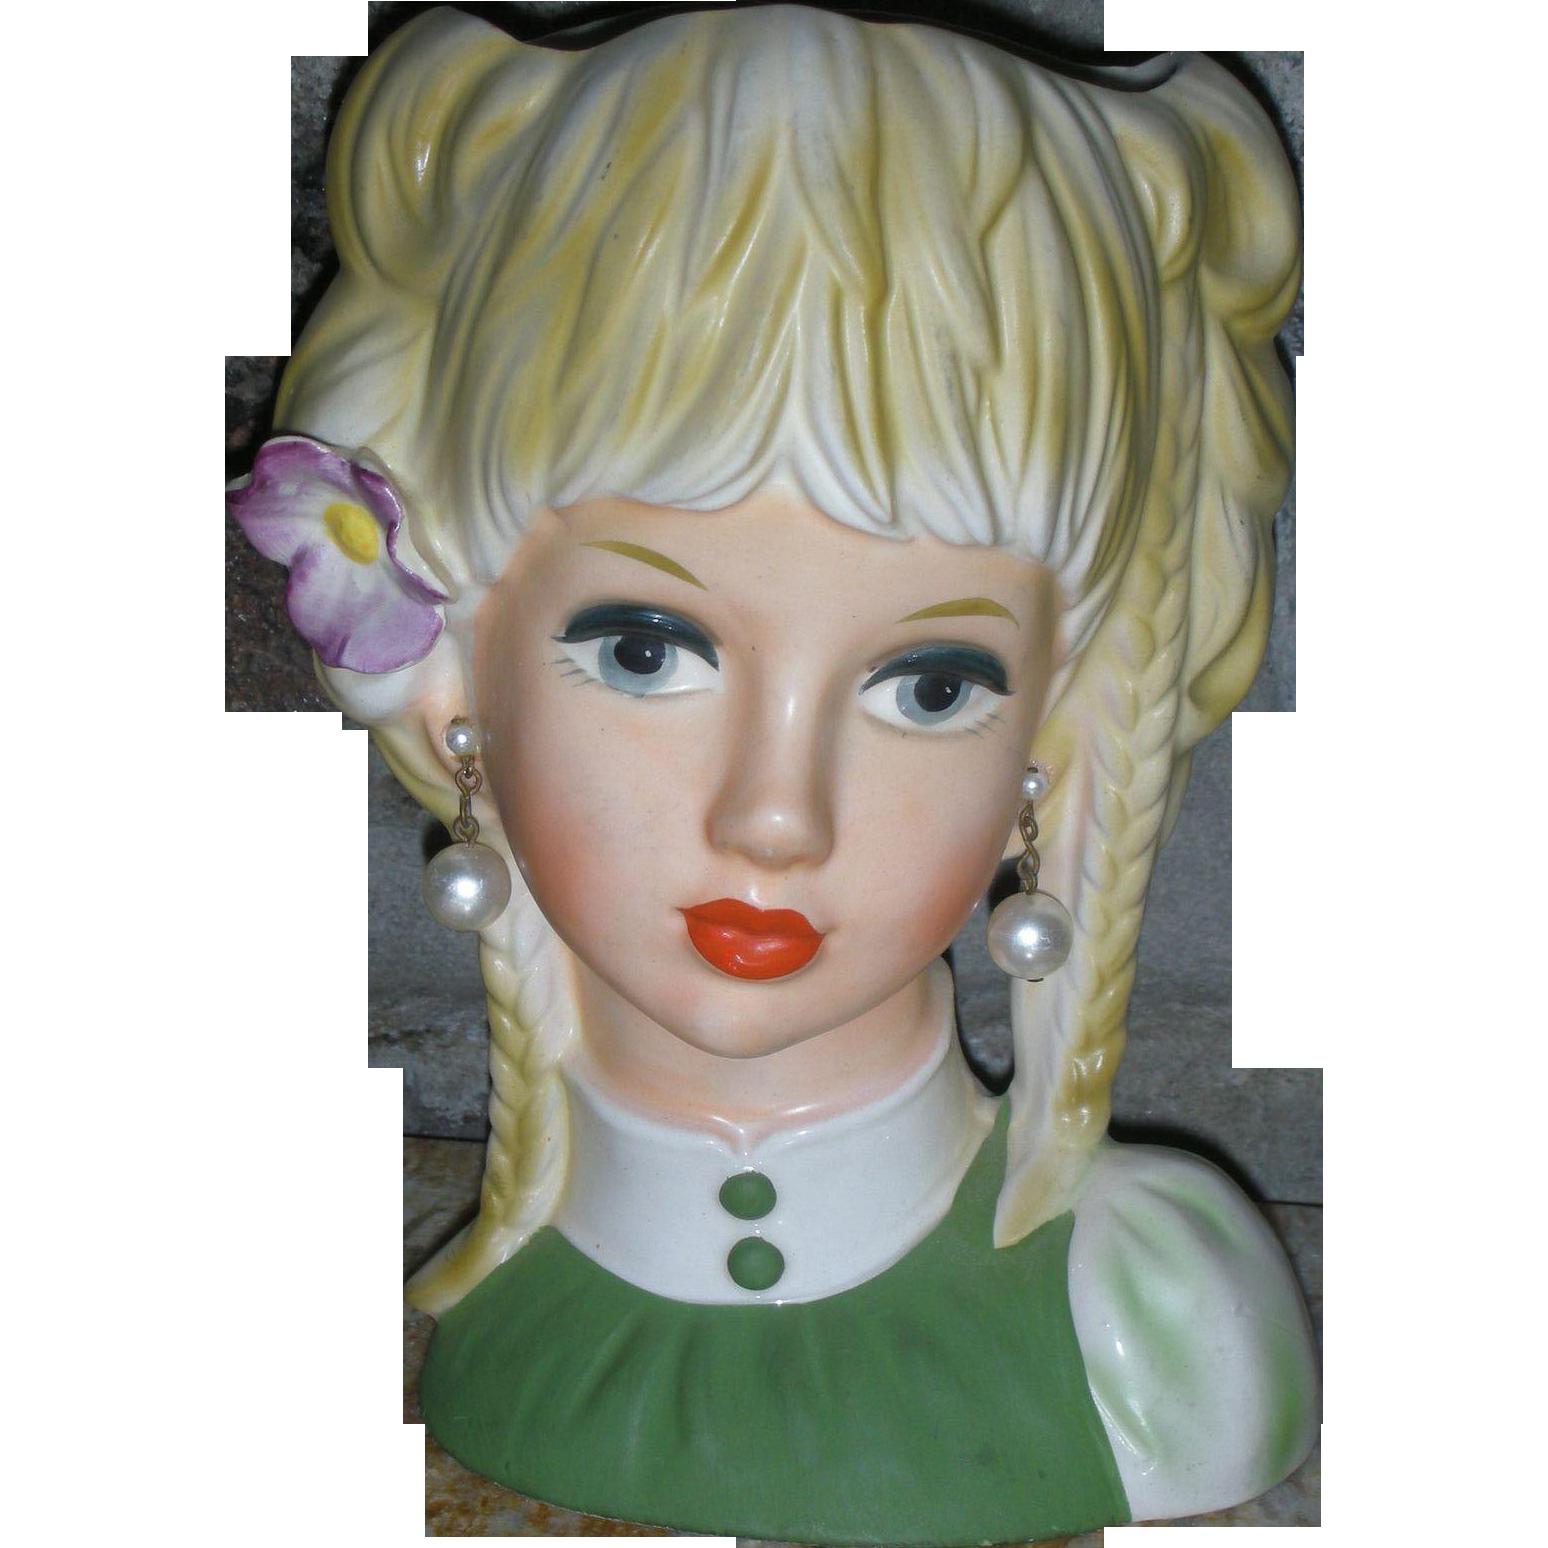 Large Teenage Ruebens 7.75 Inch Headvase Unused Mid Century Head Vase Planter Doll